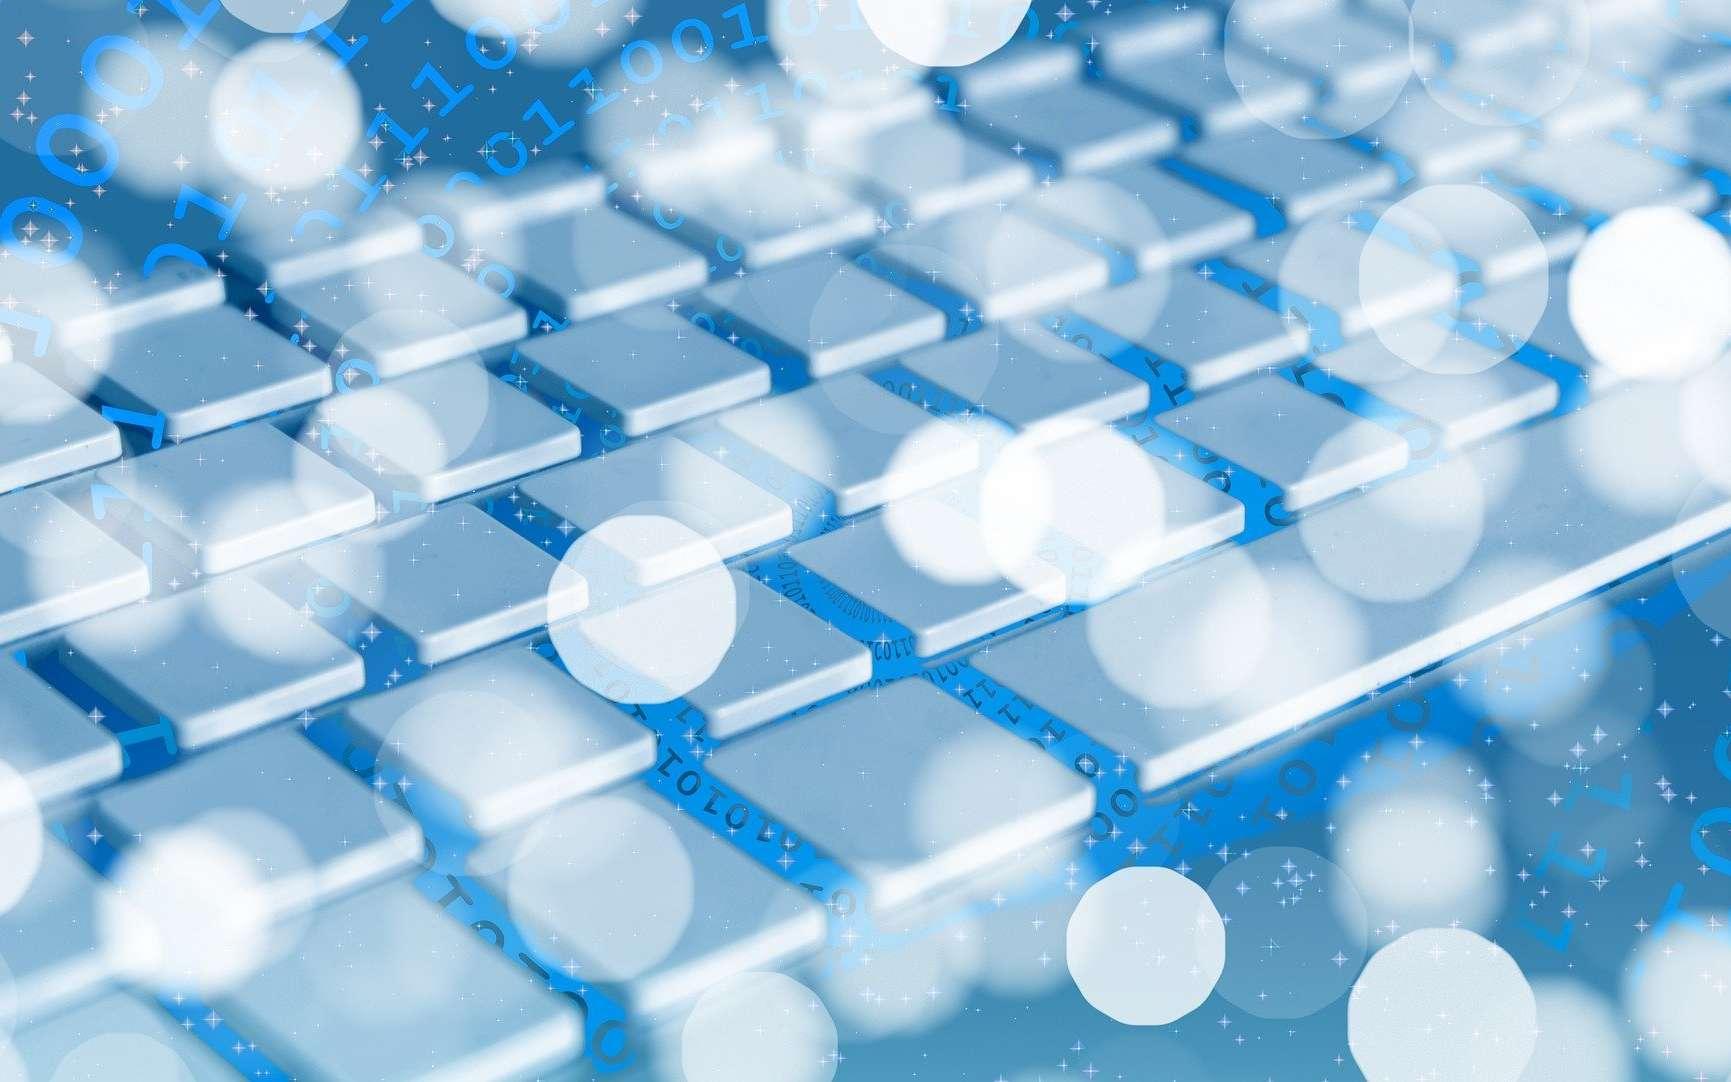 La grand-messe du Big Data se tiendra du 14 au 15 septembre à Paris. © Gerd Altmann, Pixabay